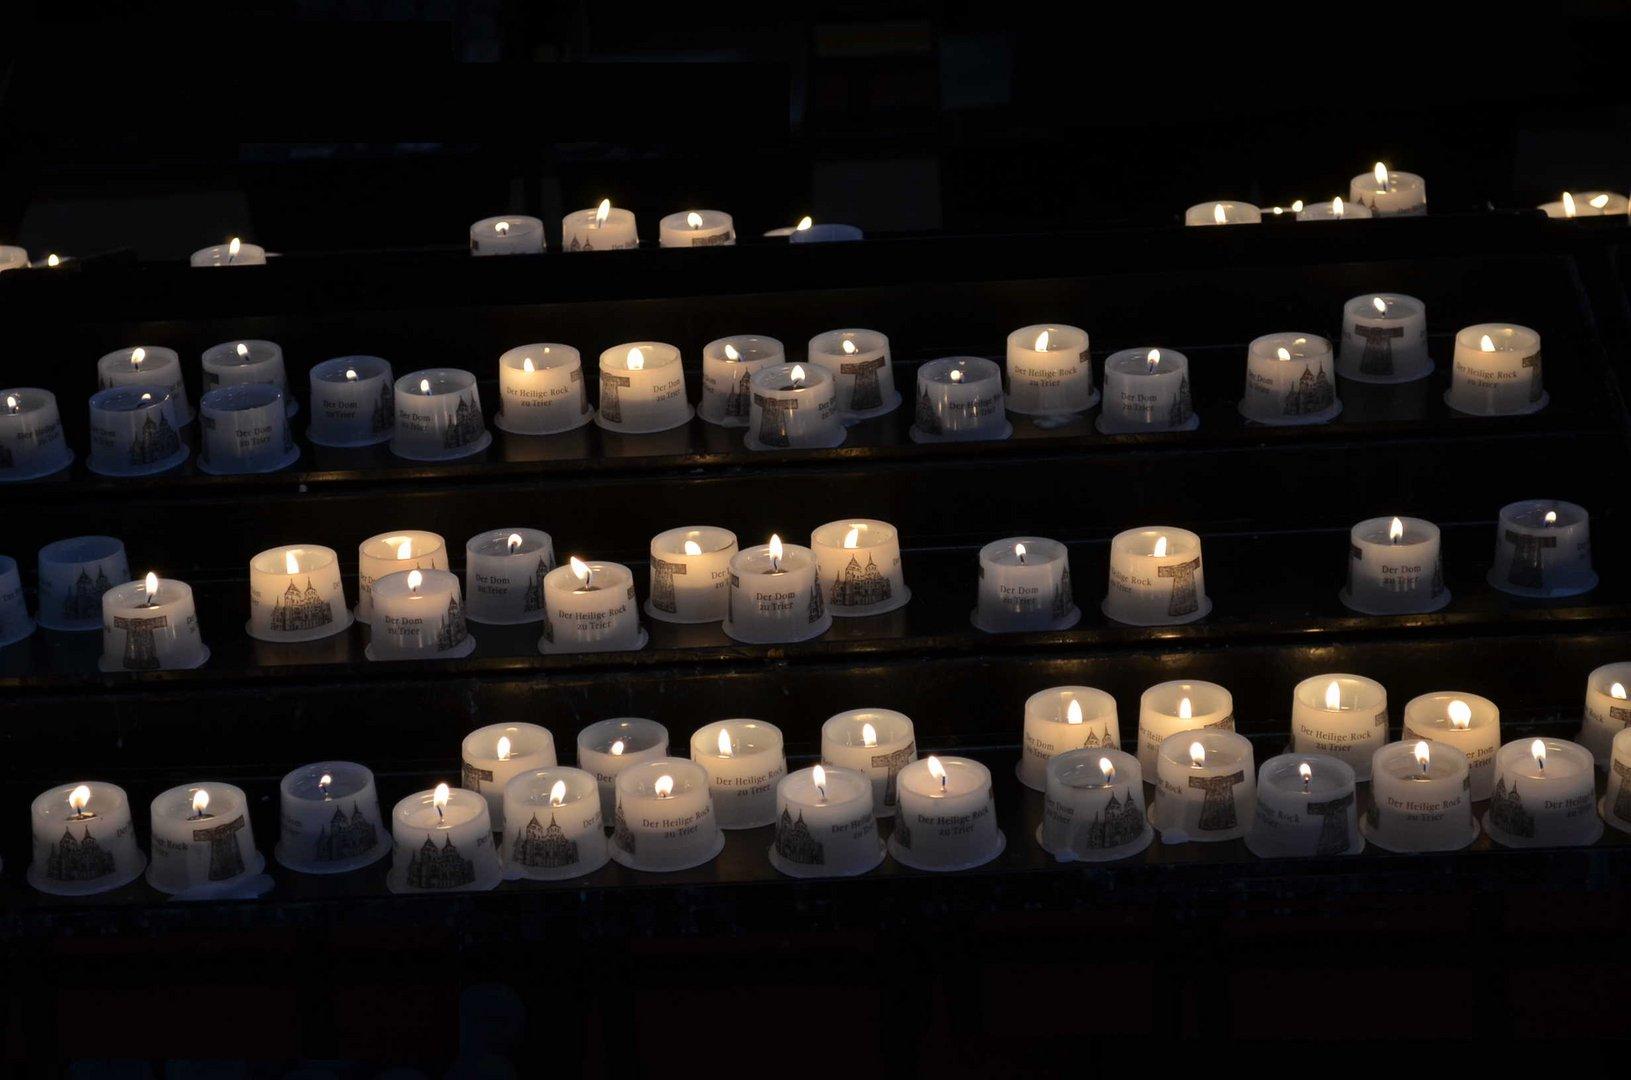 In schweren Zeiten eine Kerze anzünden